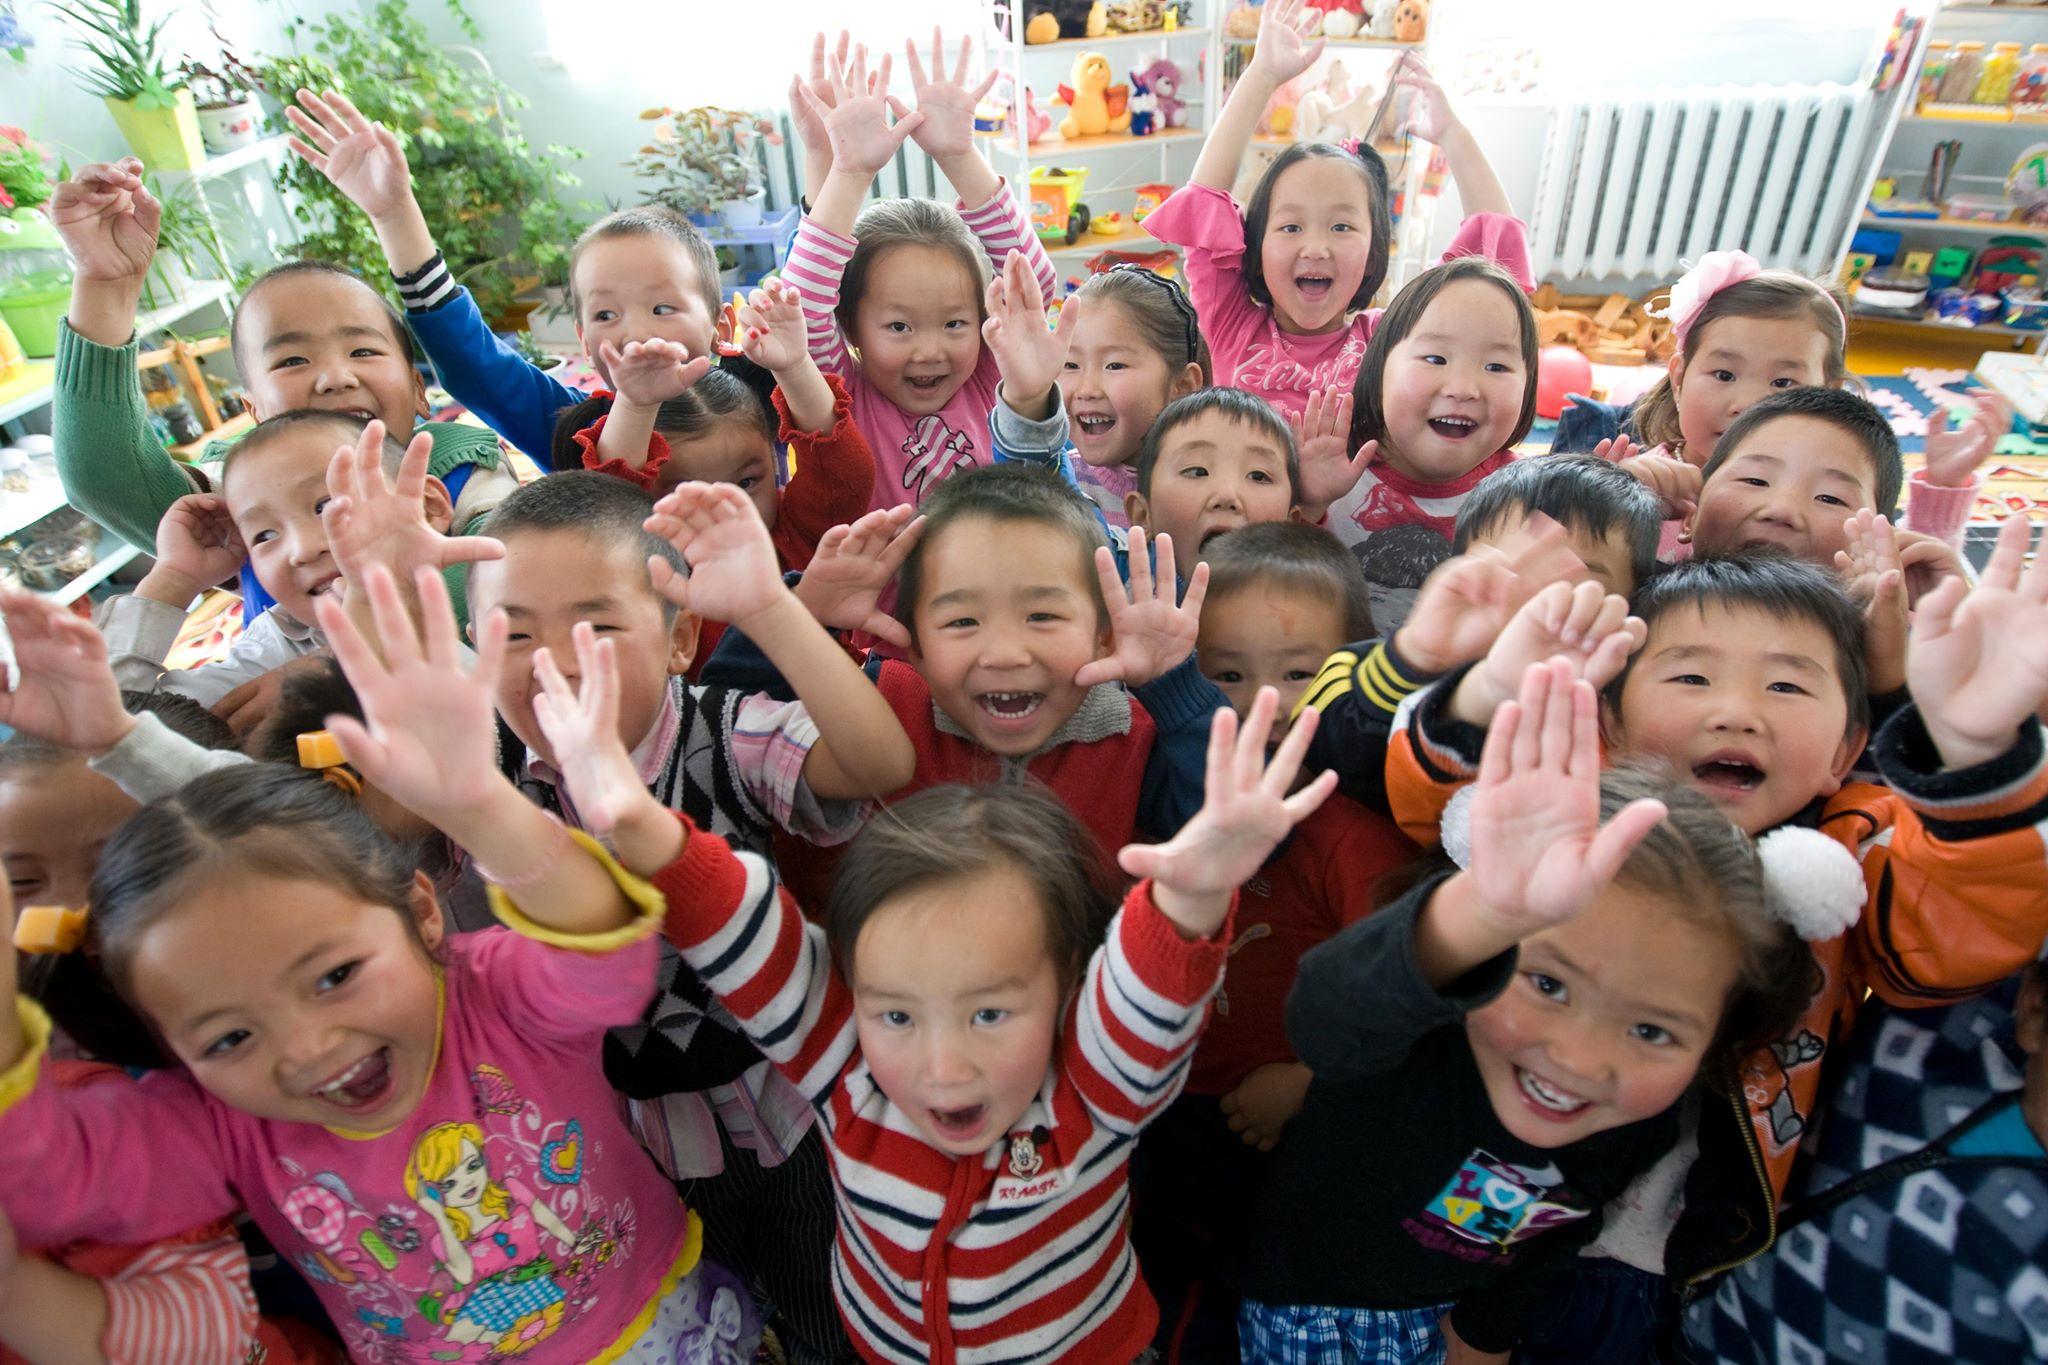 Монгол Улс сургуулийн өмнөх боловсролын хөрөнгө оруулалтаараа дэлхийд тэргүүлж байна